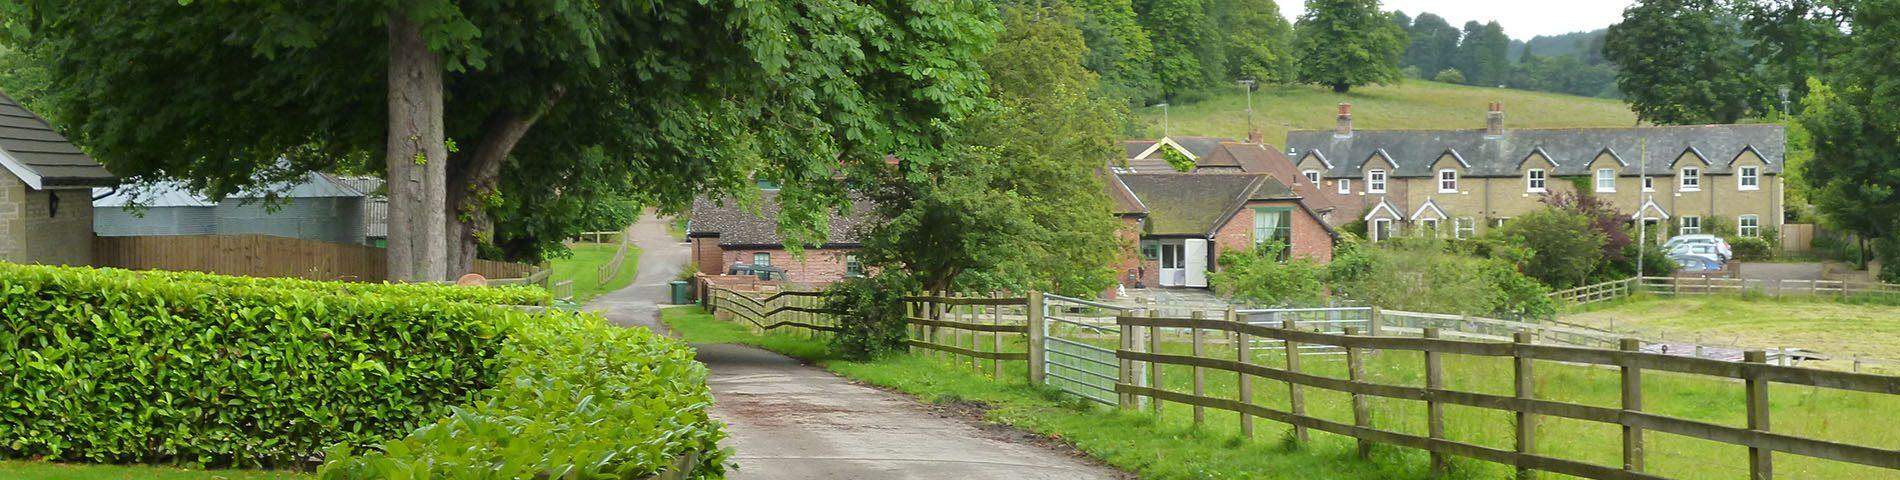 Woldingham